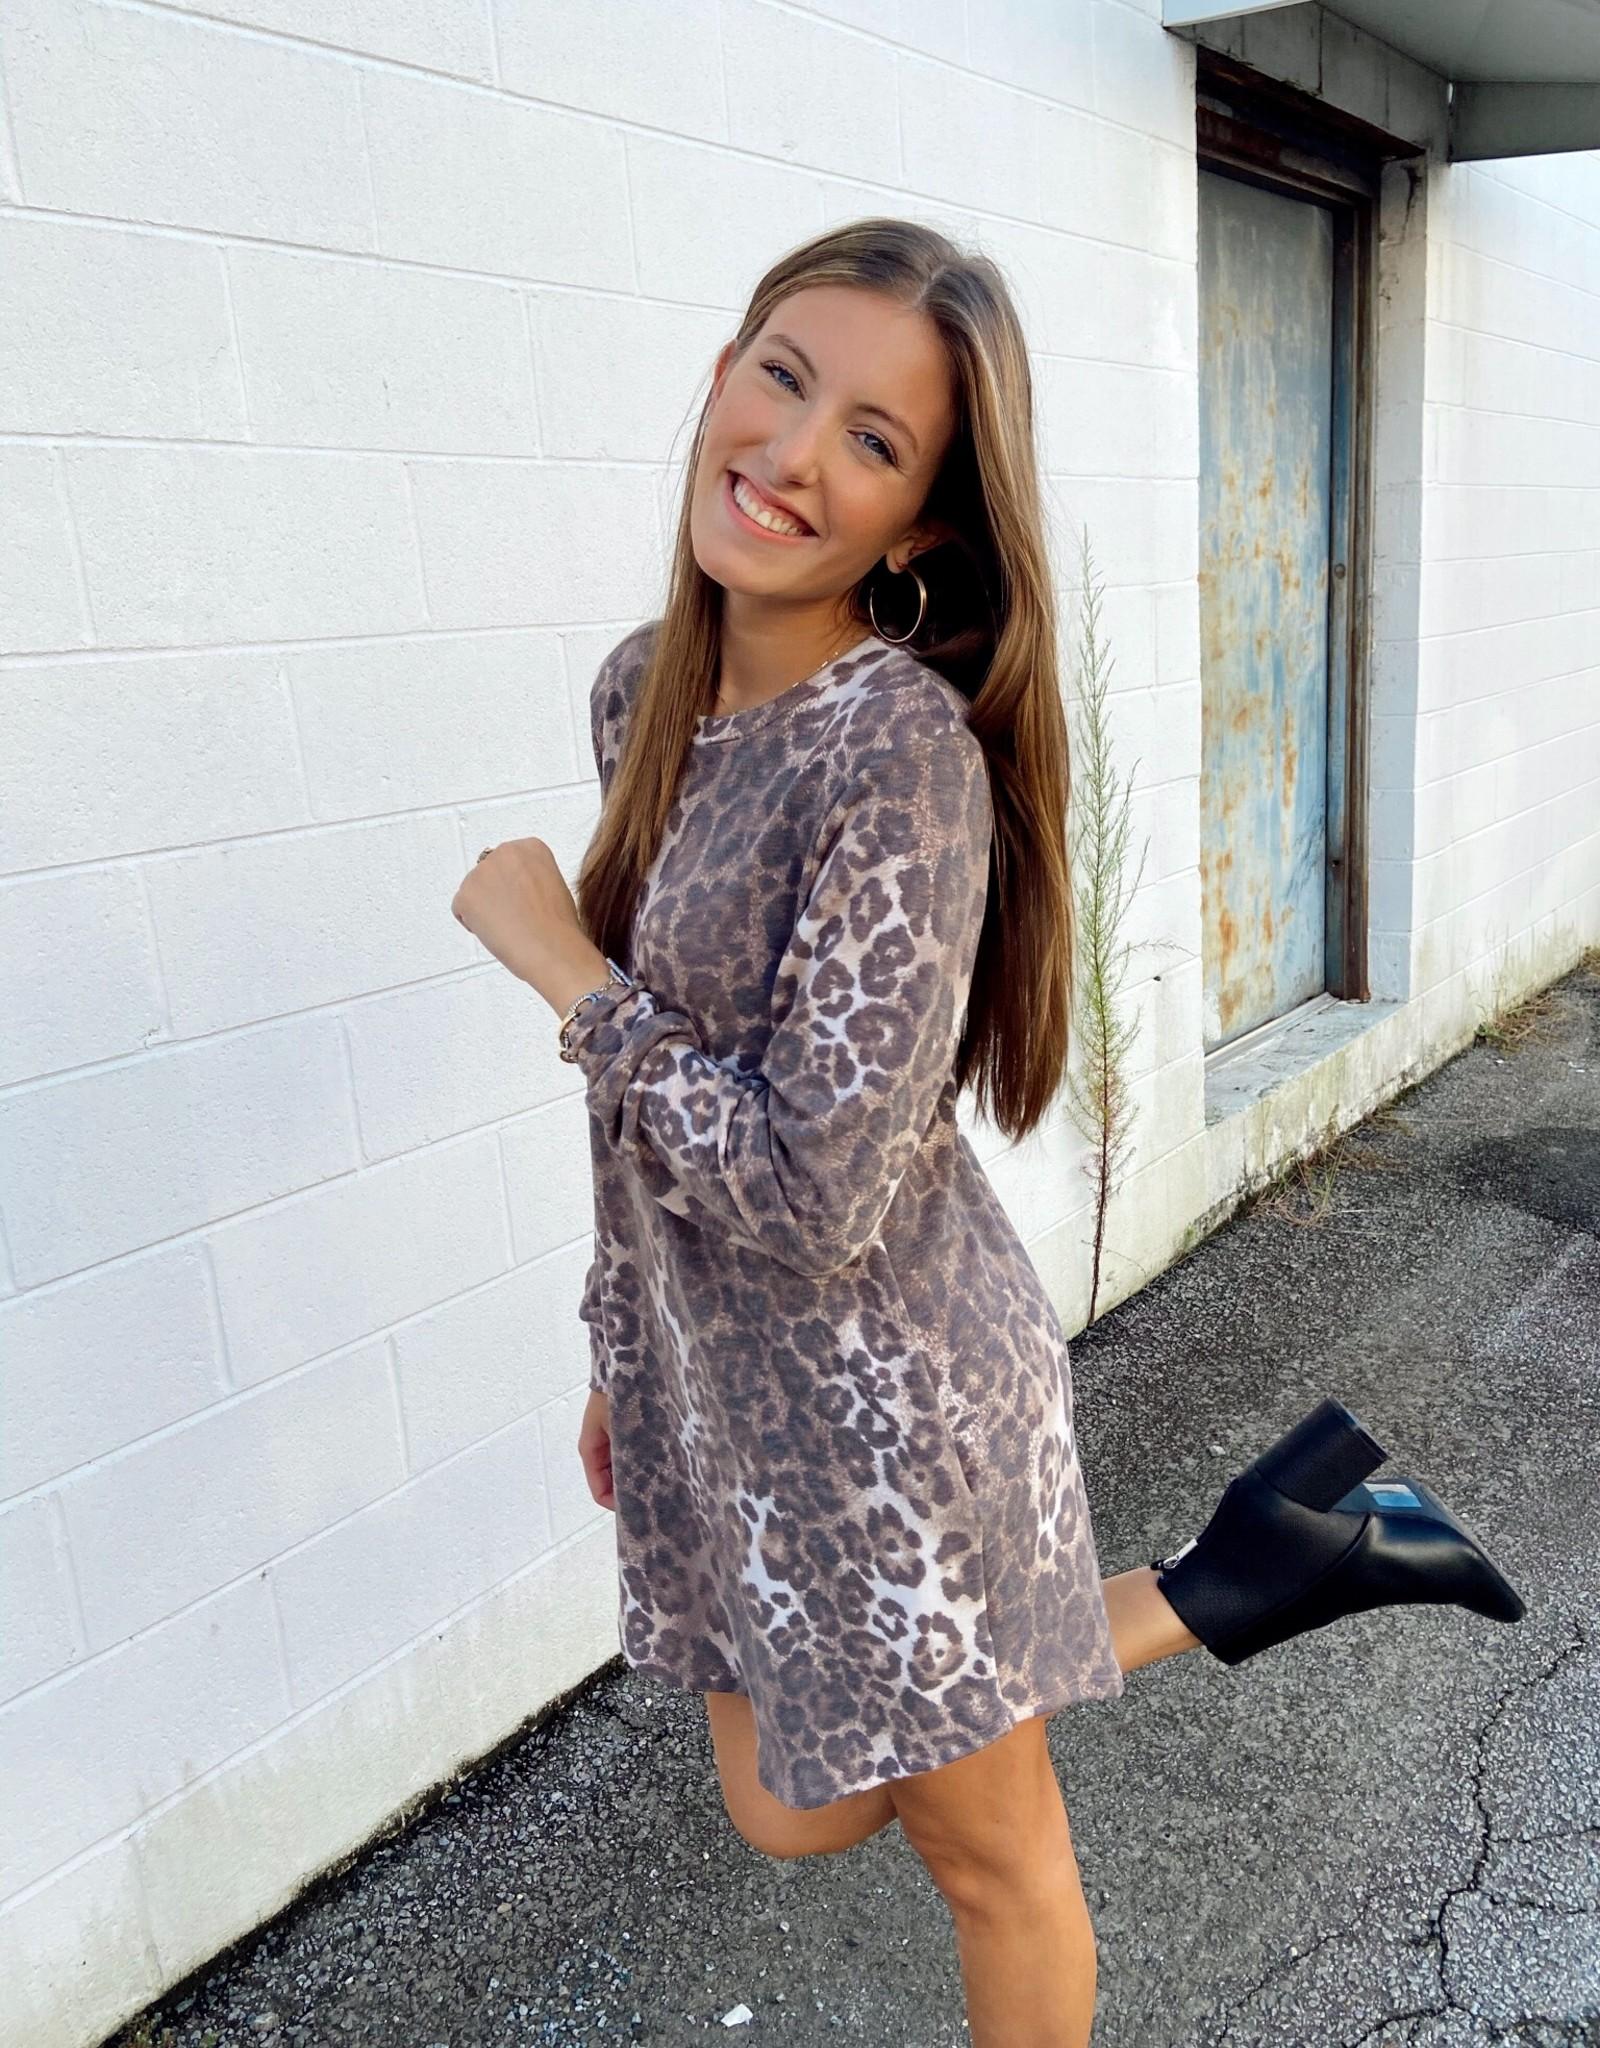 Leopard Lounge dress